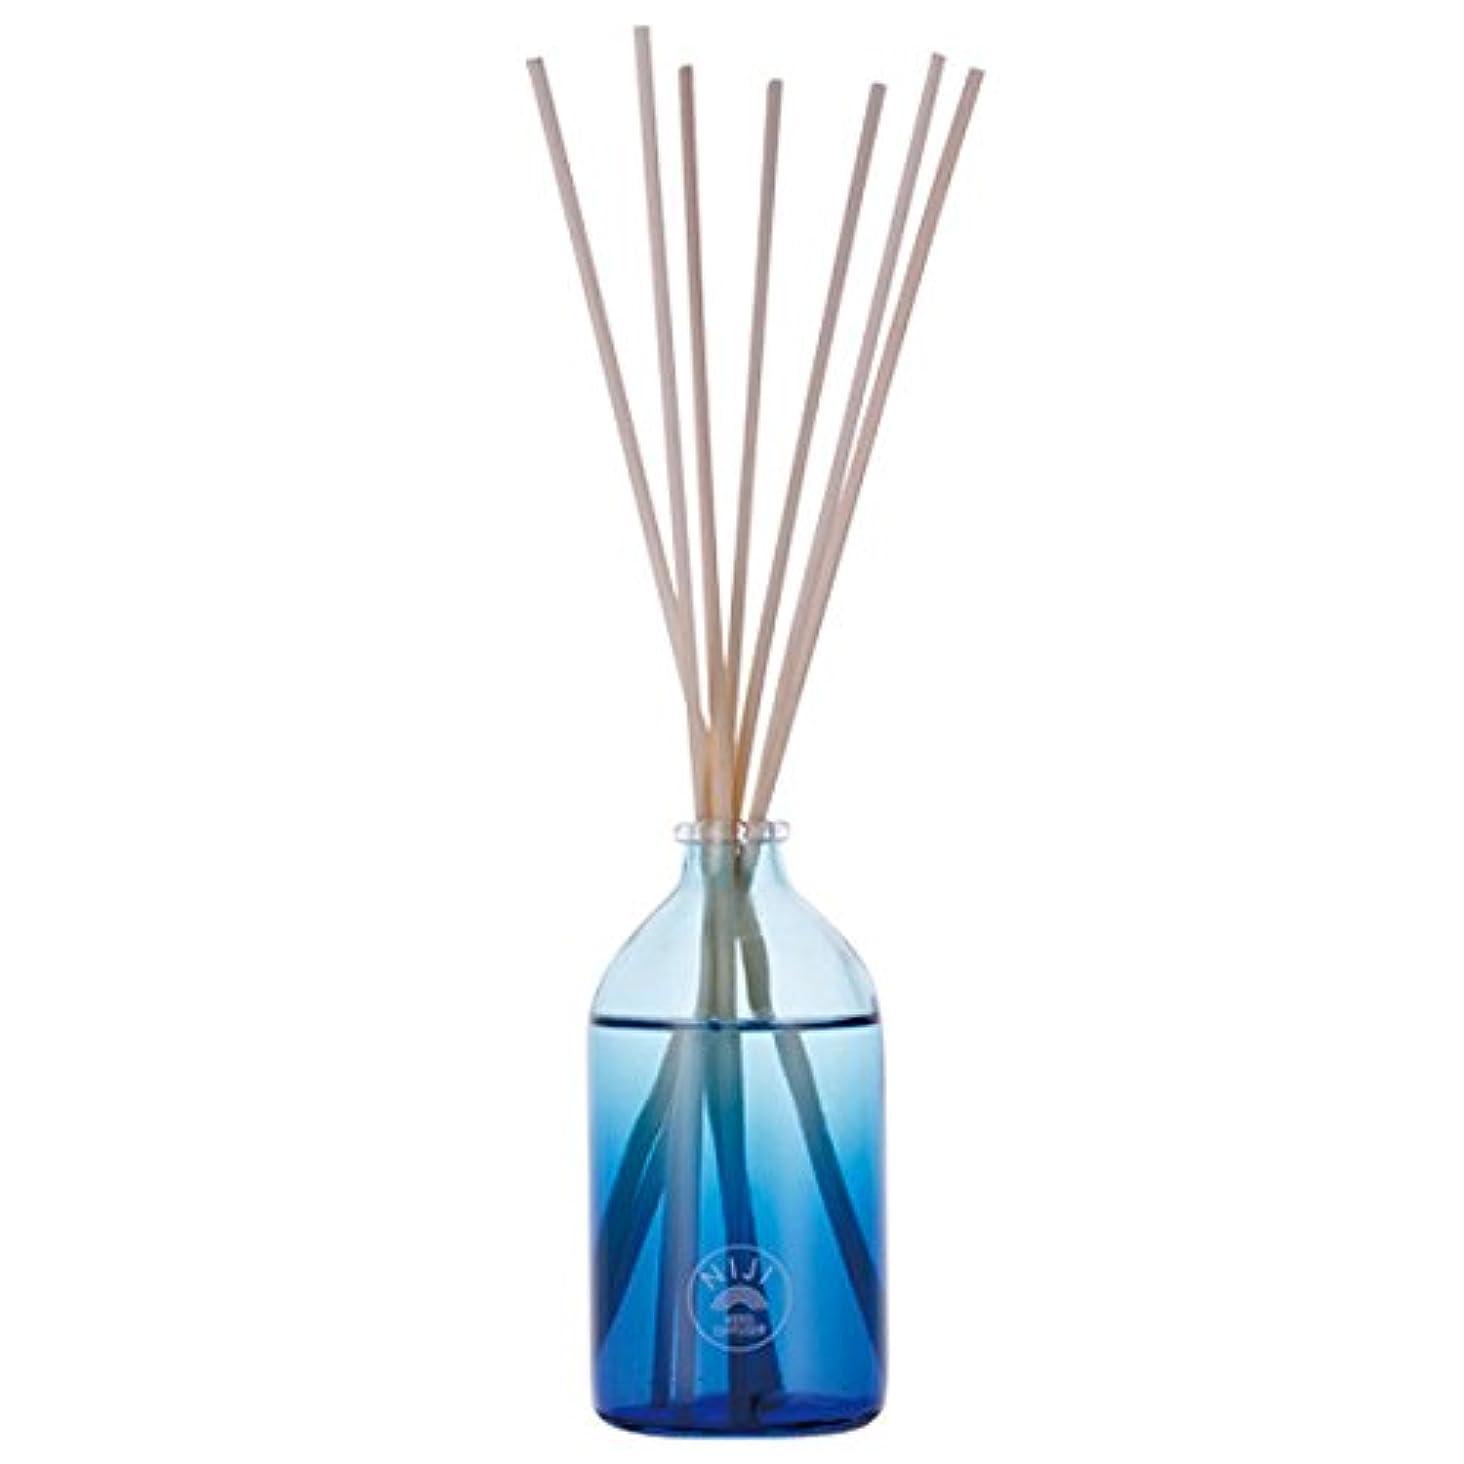 インサート方程式巧みな大香 NIJI reed diffuser Bright blue Sky 100ml